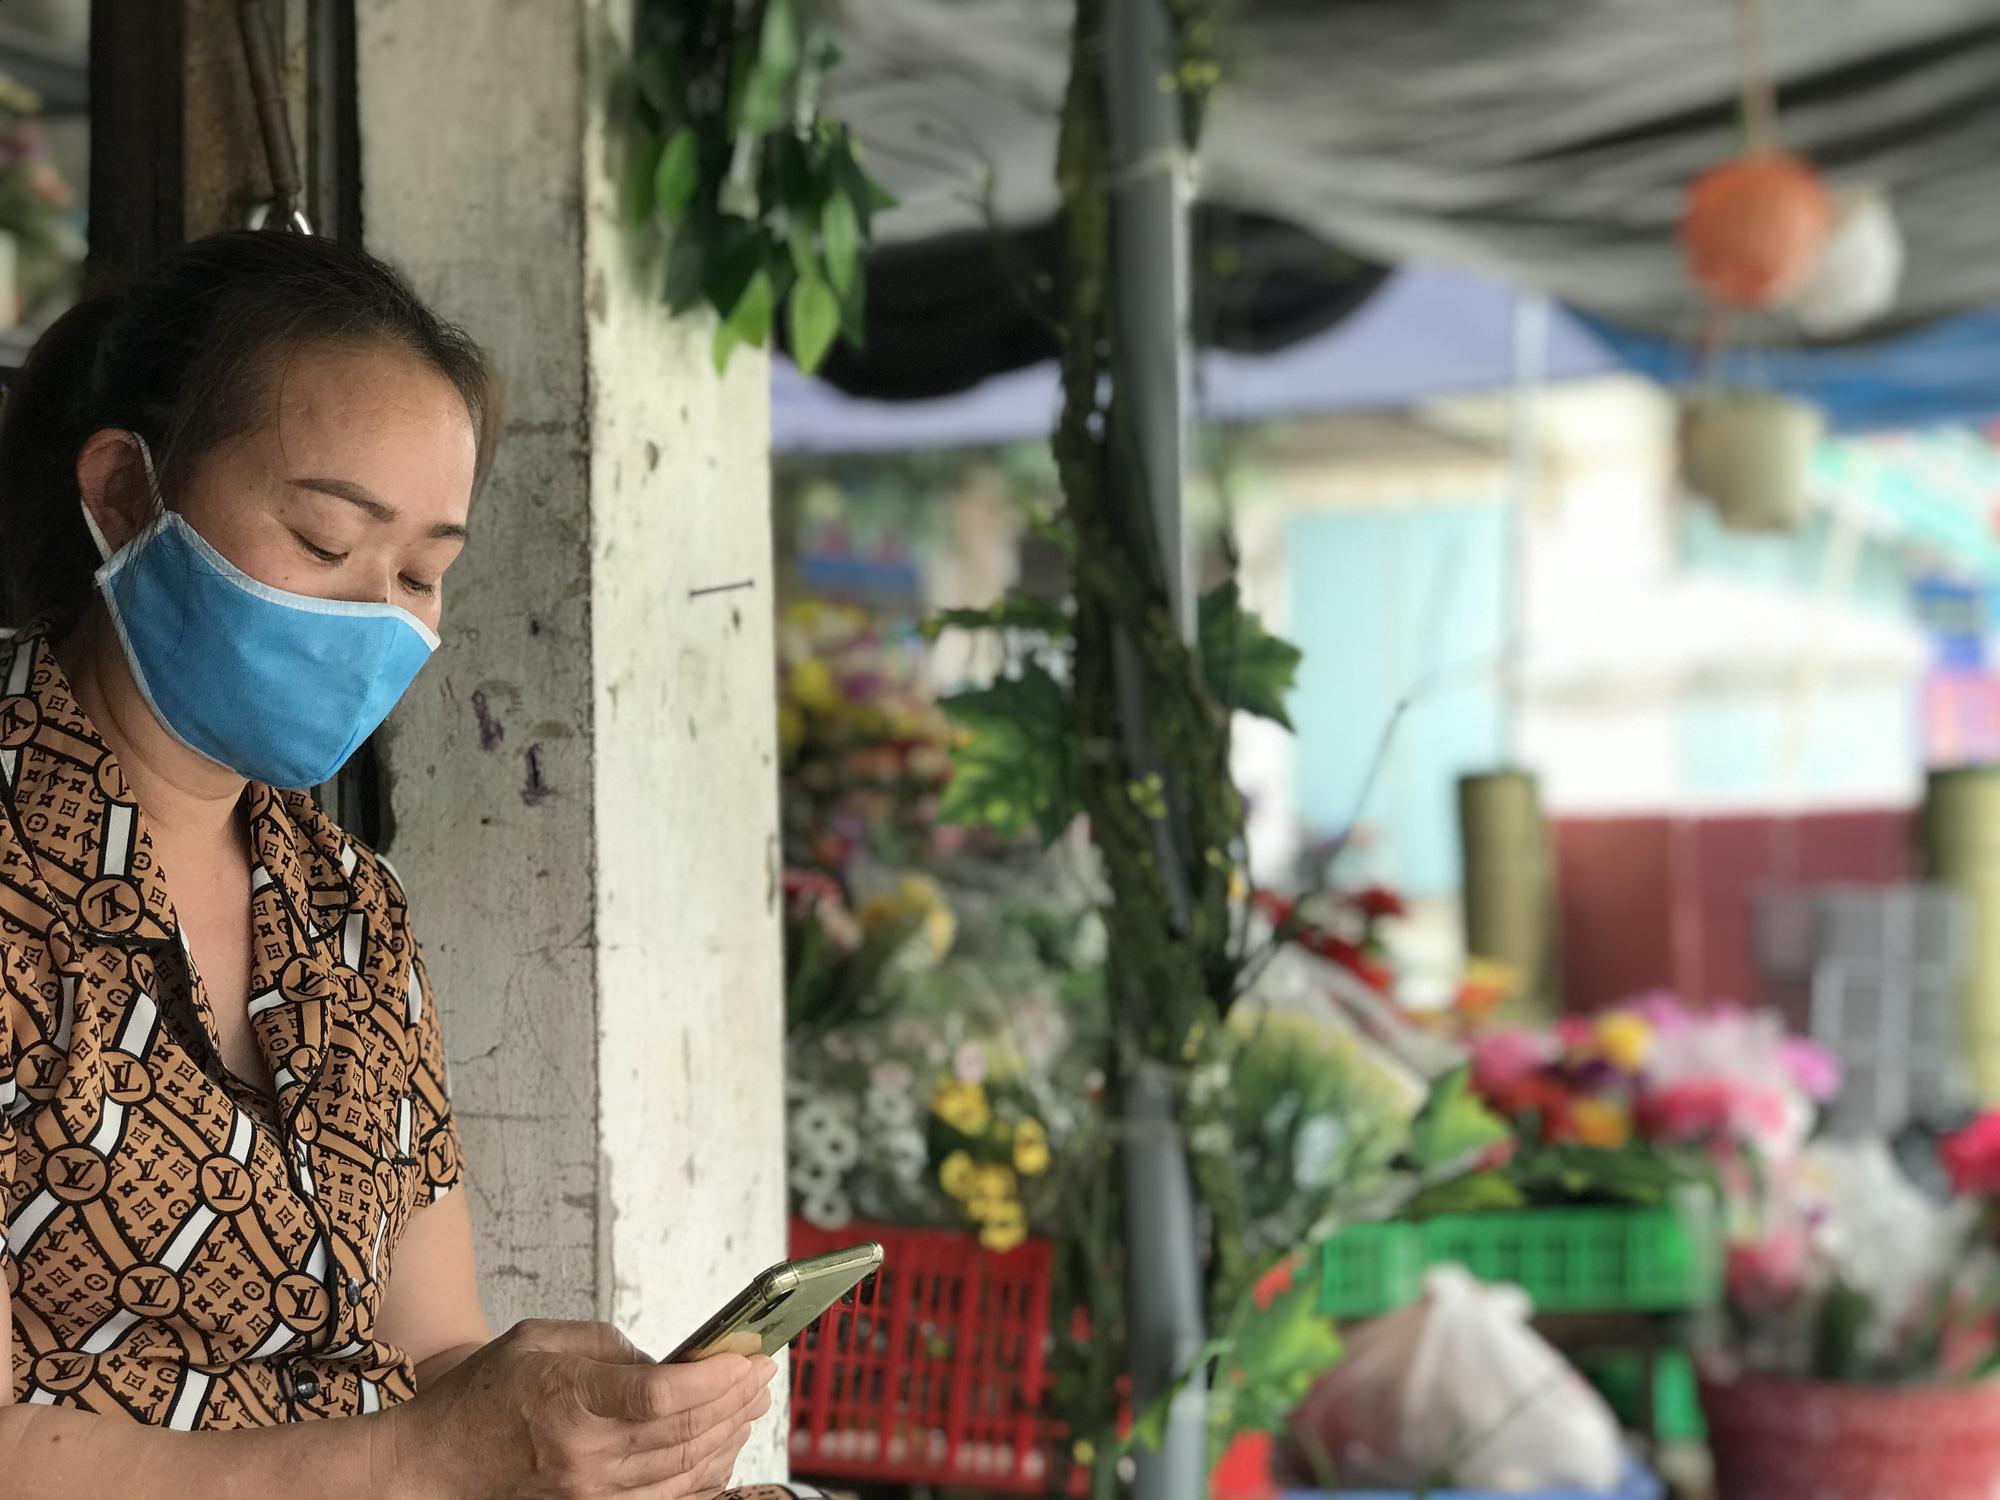 Dịch Covid-19 tại Nghệ An: Tiểu thương chợ Vinh ế ẩm, các cơ sở kinh doanh dịch vụ, giải trí đồng loạt đóng cửa - Ảnh 7.